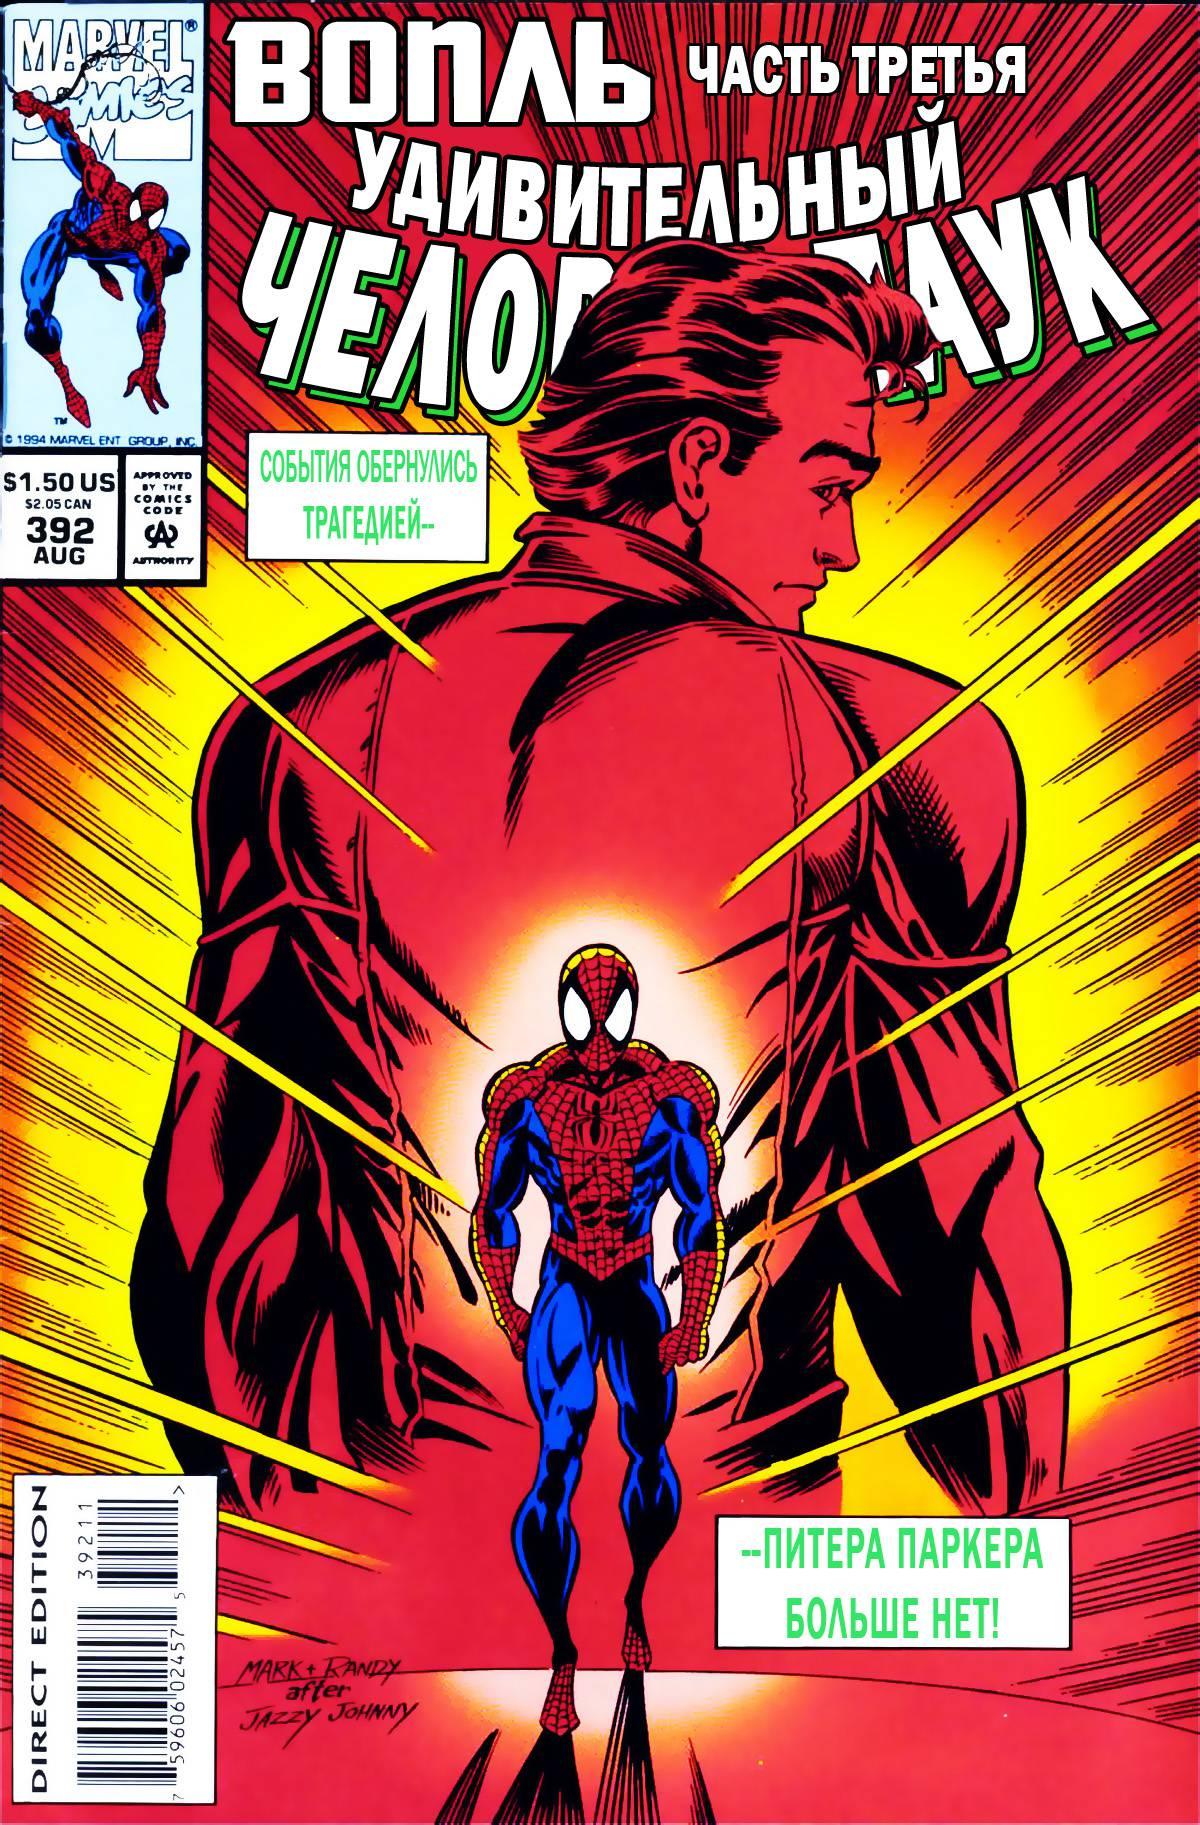 Удивительный Человек-паук №392 онлайн